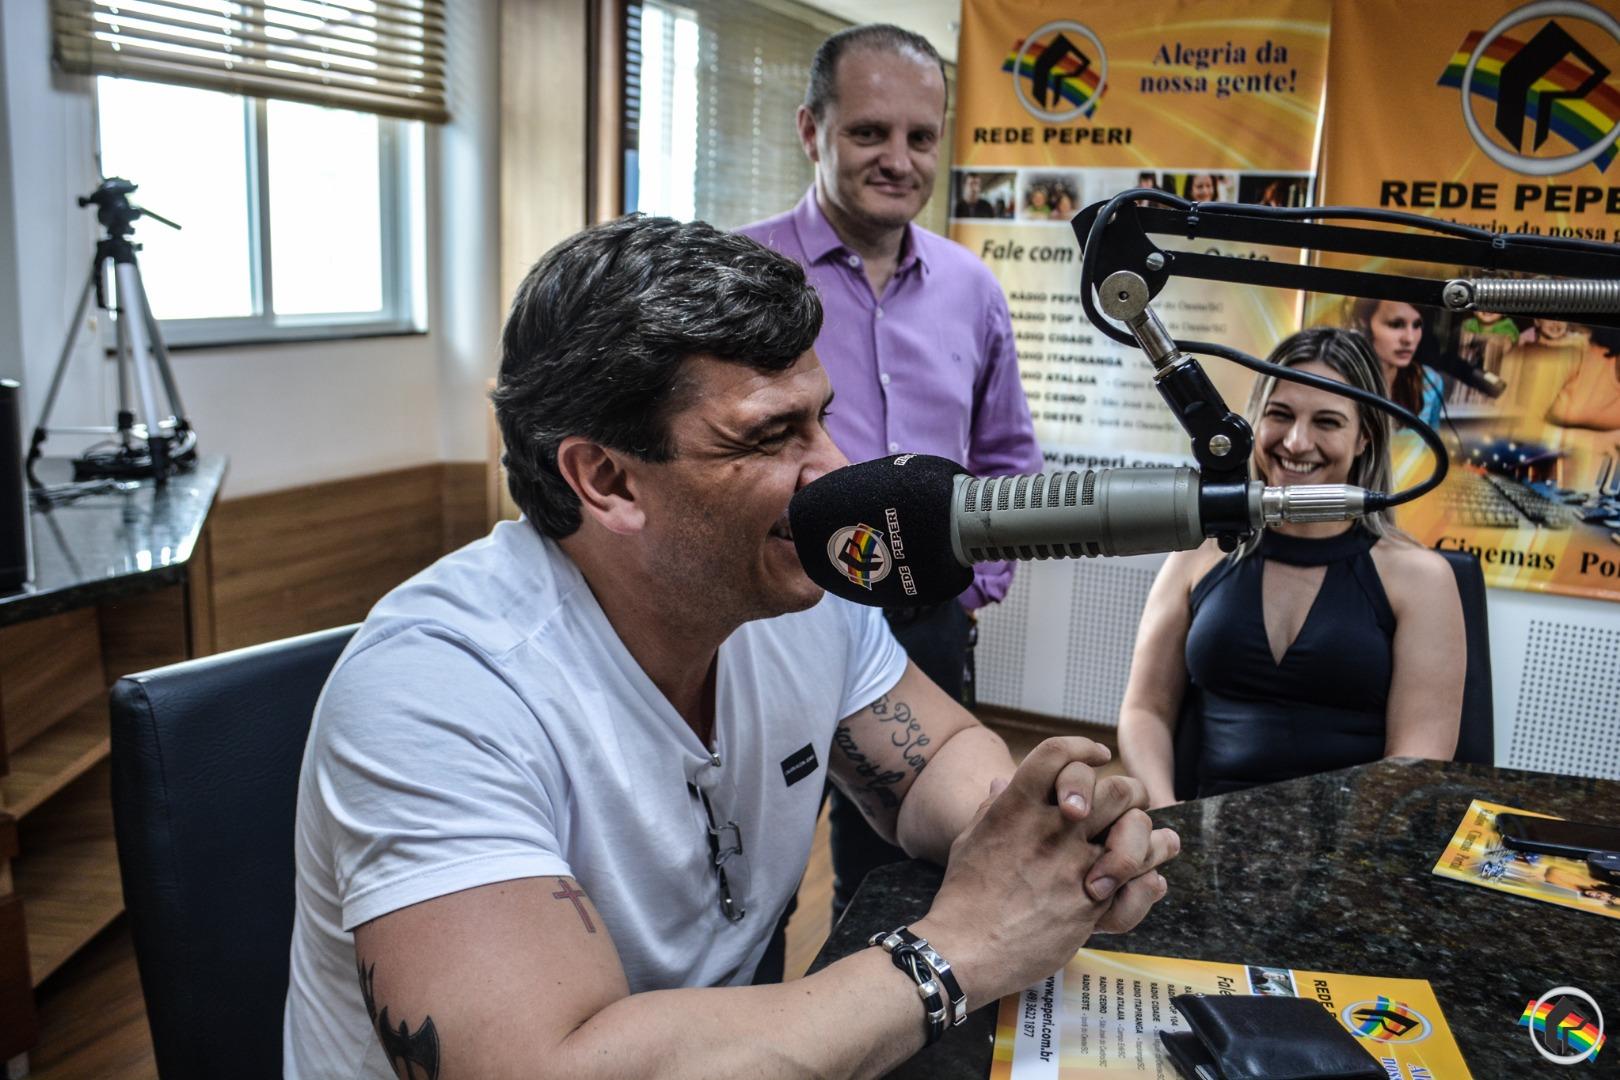 Garoto de Ouro pelo Grupo Silvio Santos visita a Peperi